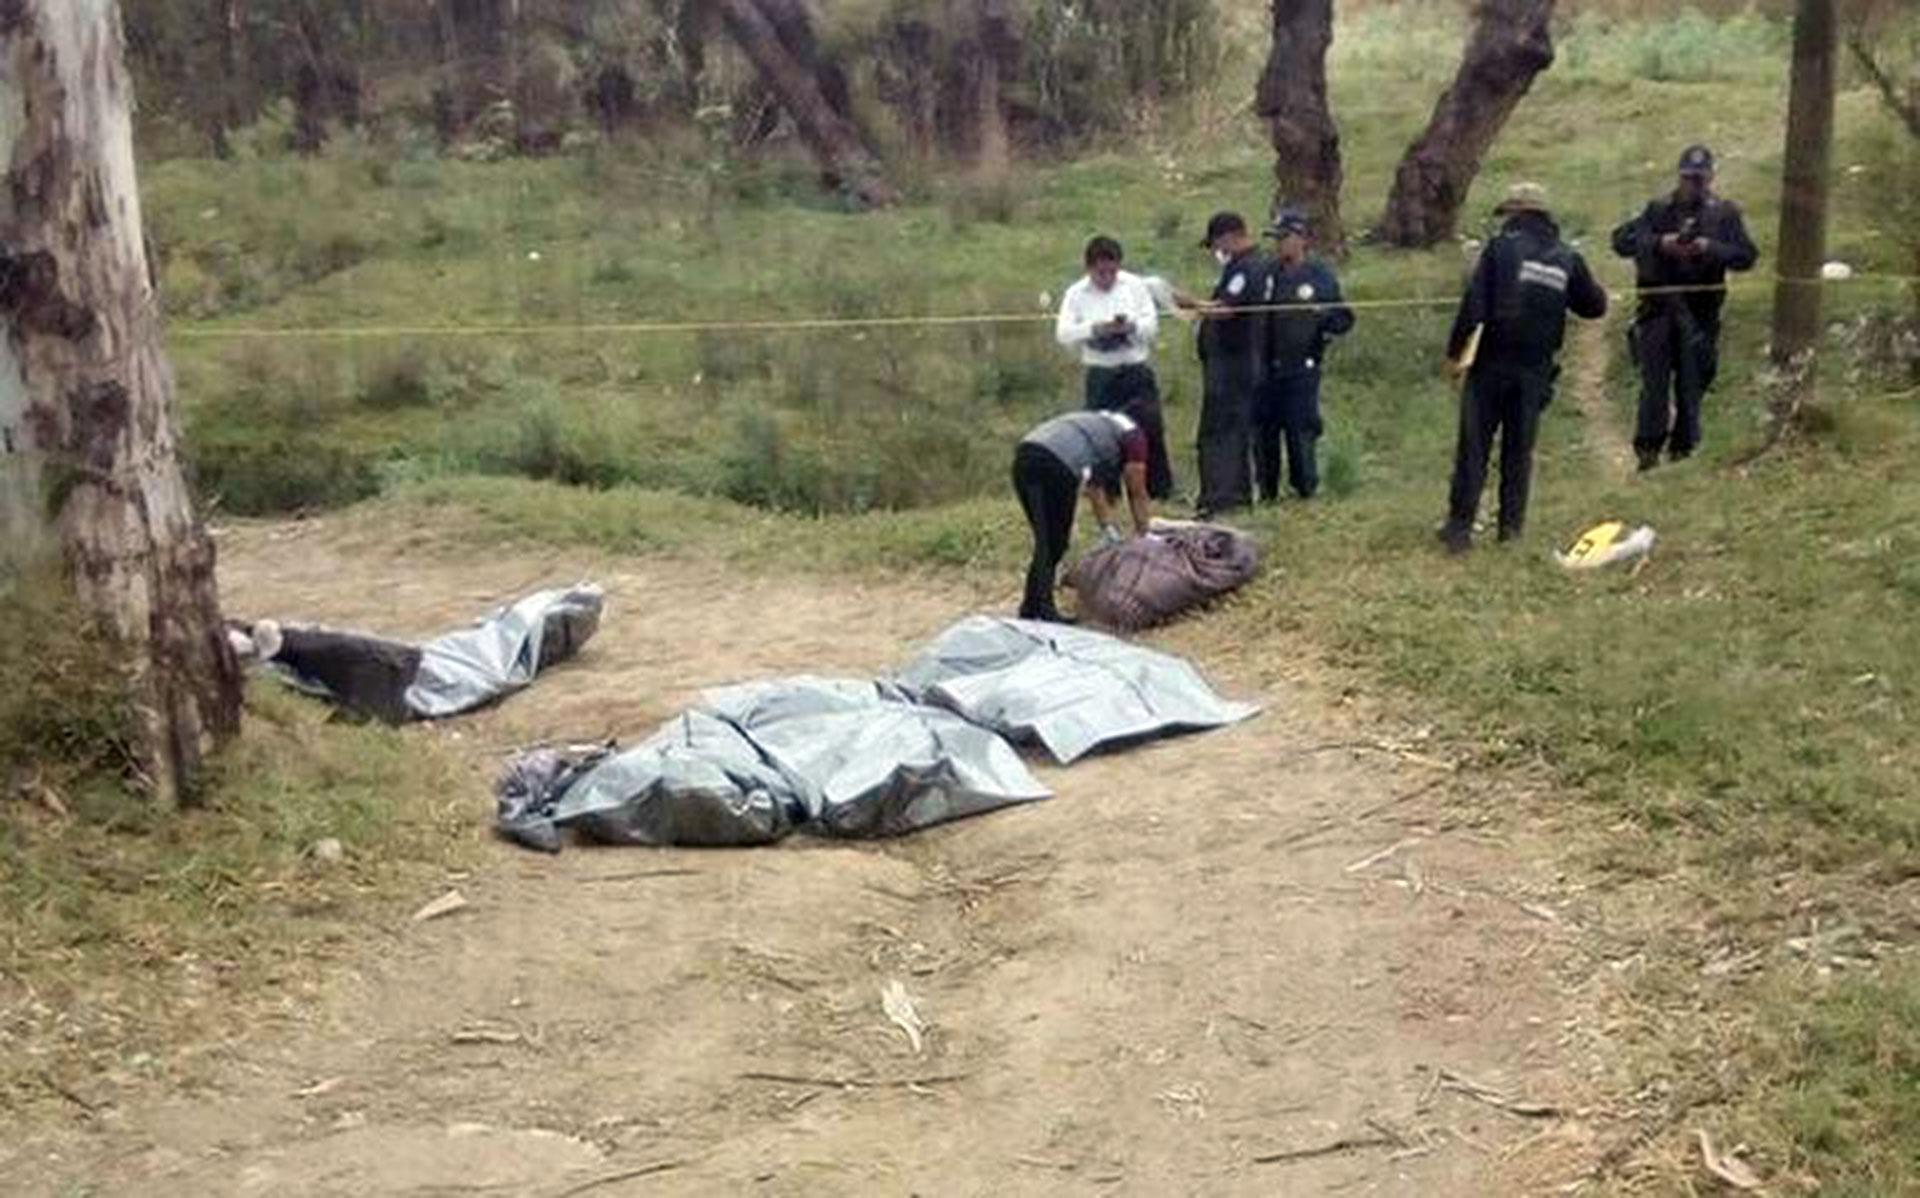 Los cuerpos desmembrados de siete personas, entre ellos una mujer, fueron localizados en el municipio de Chilapa, en Guerrero. (Sol de Acapulco)